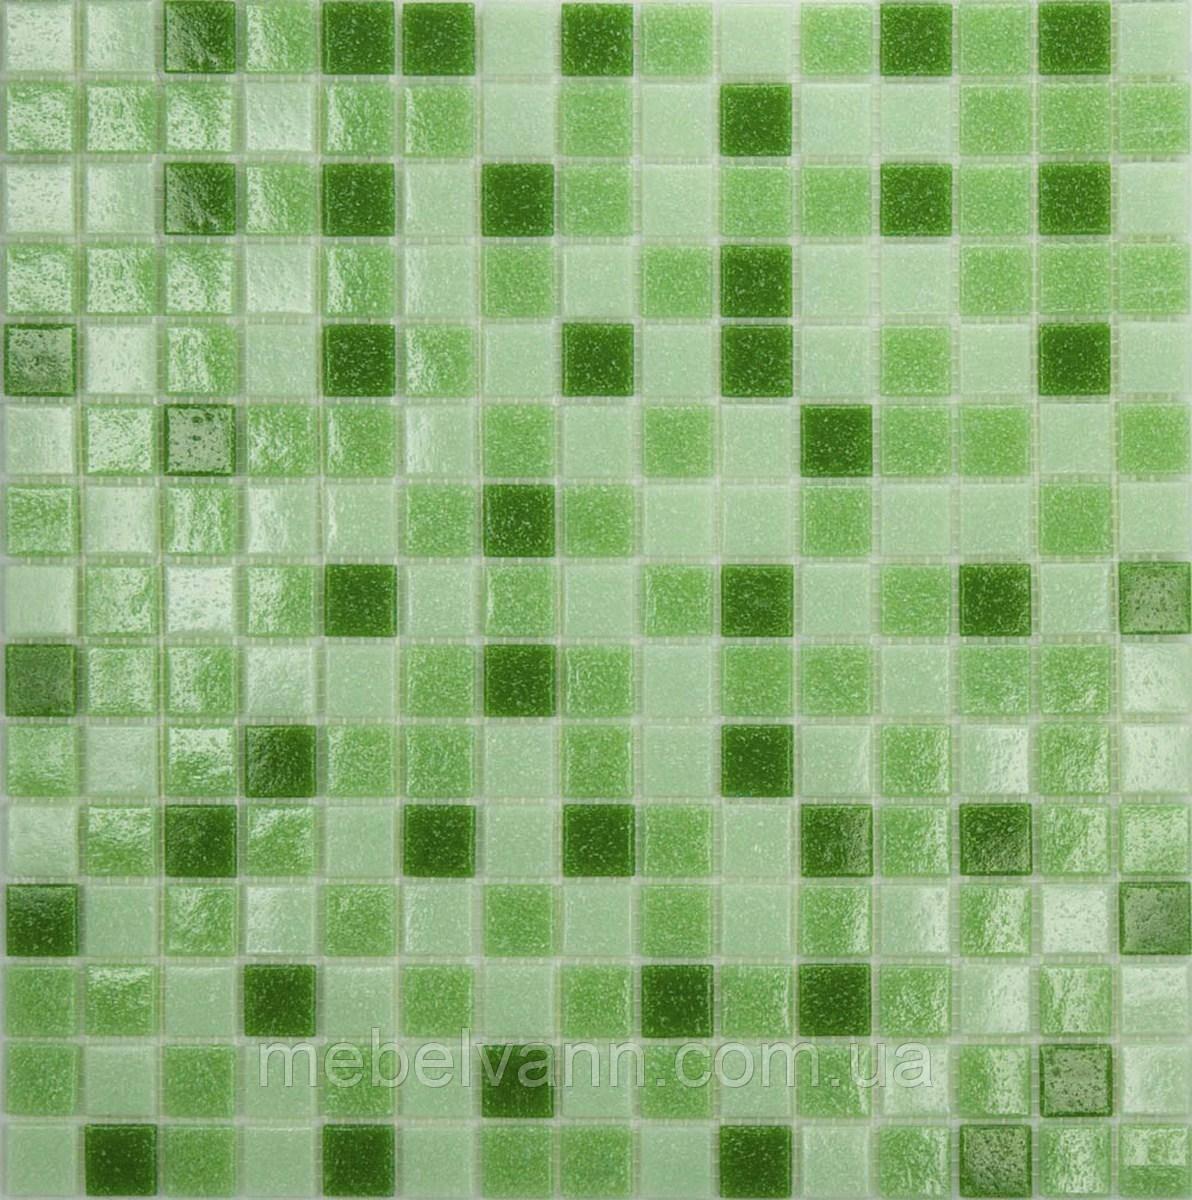 Мозаїка зелений мікс скло на папері 431